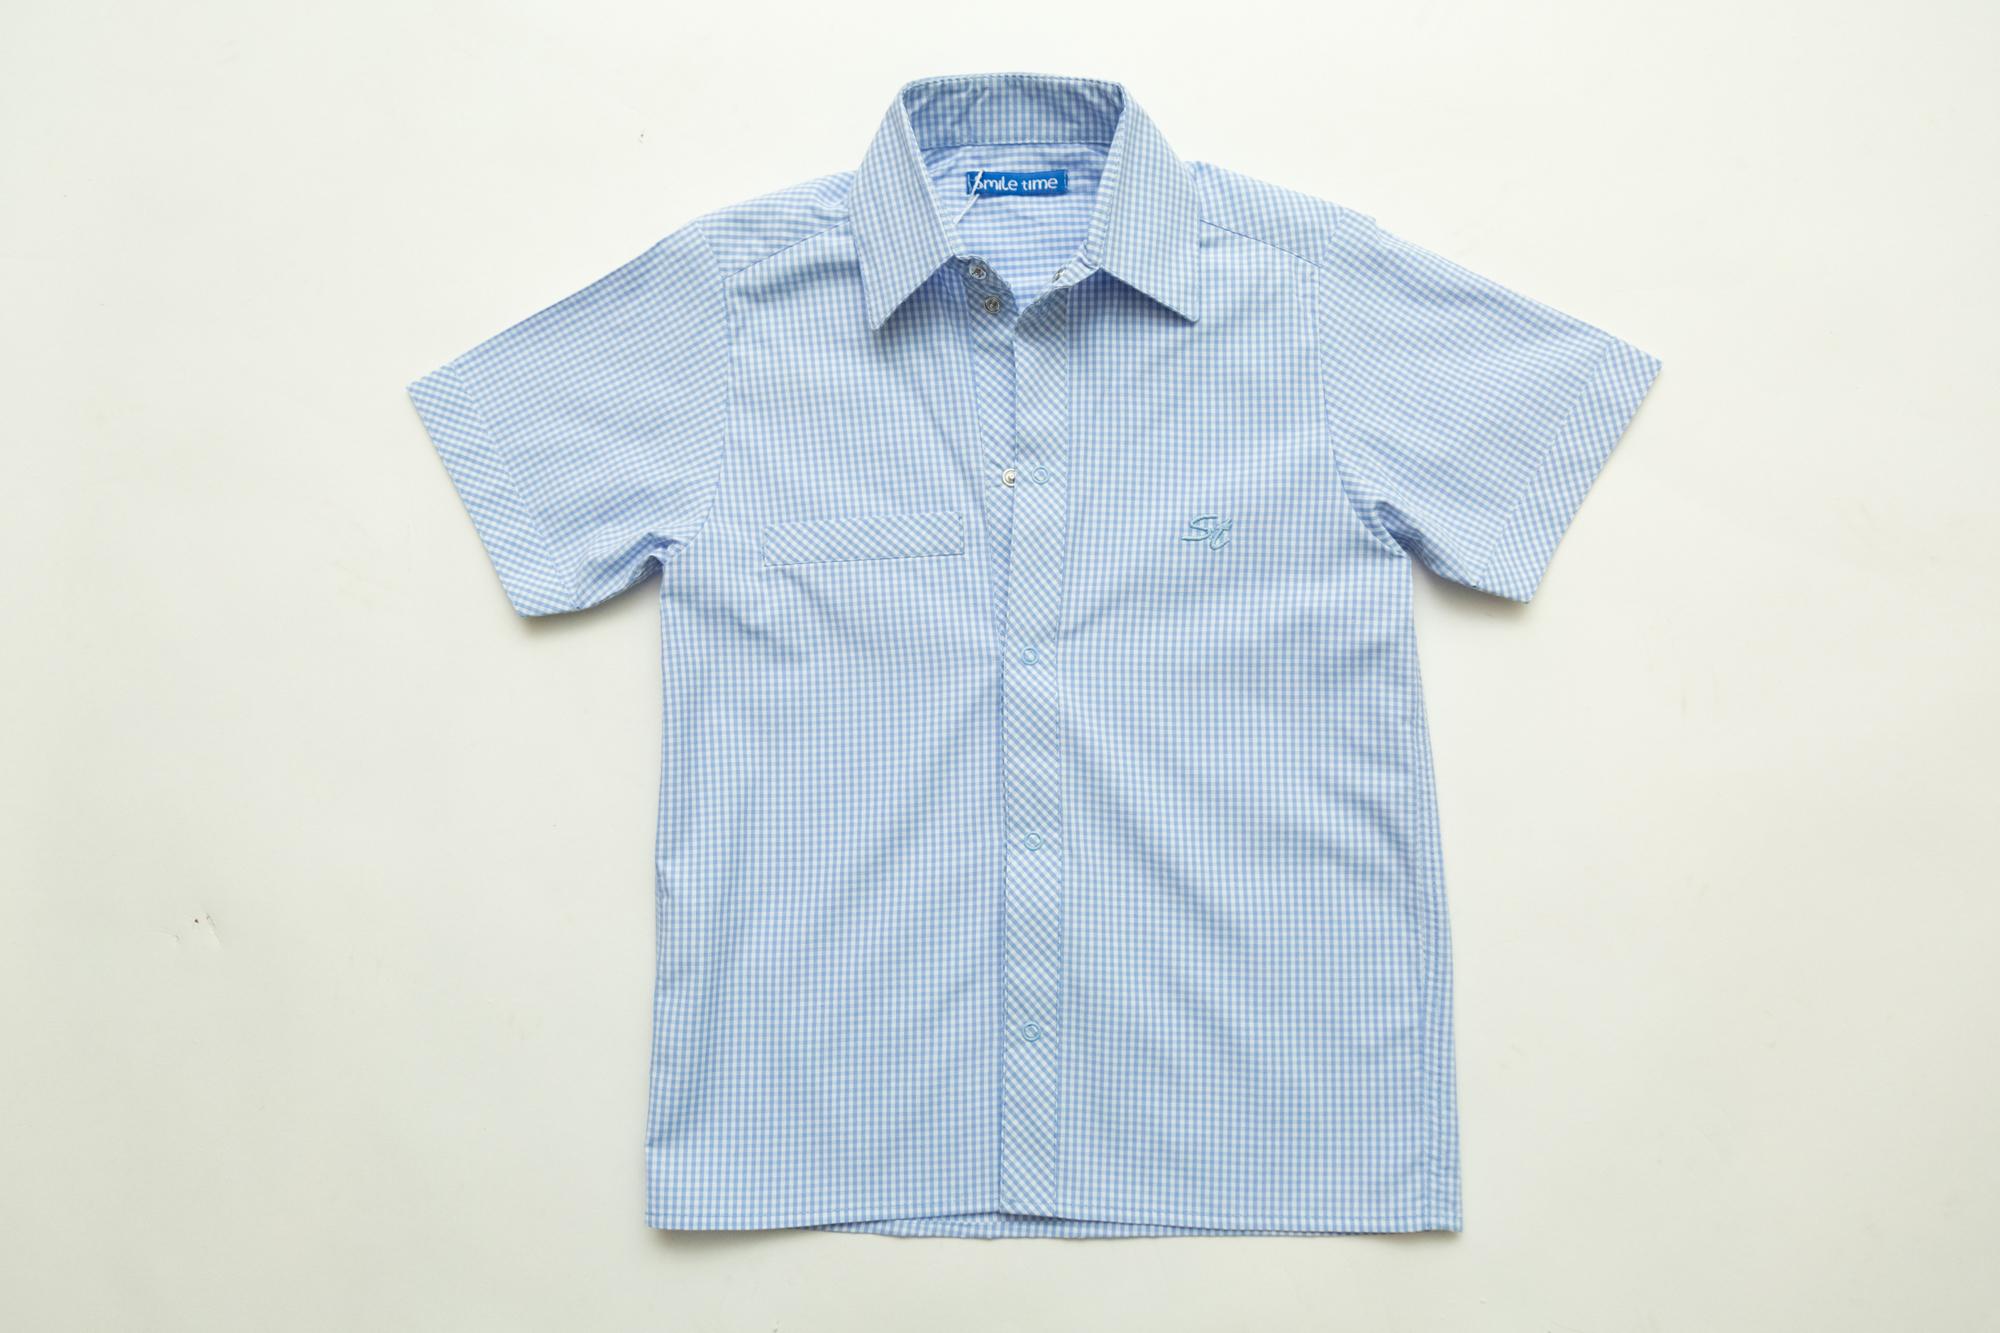 Рубашка для мальчика SmileTime с коротким рукавом на кнопках Клетка, голубая